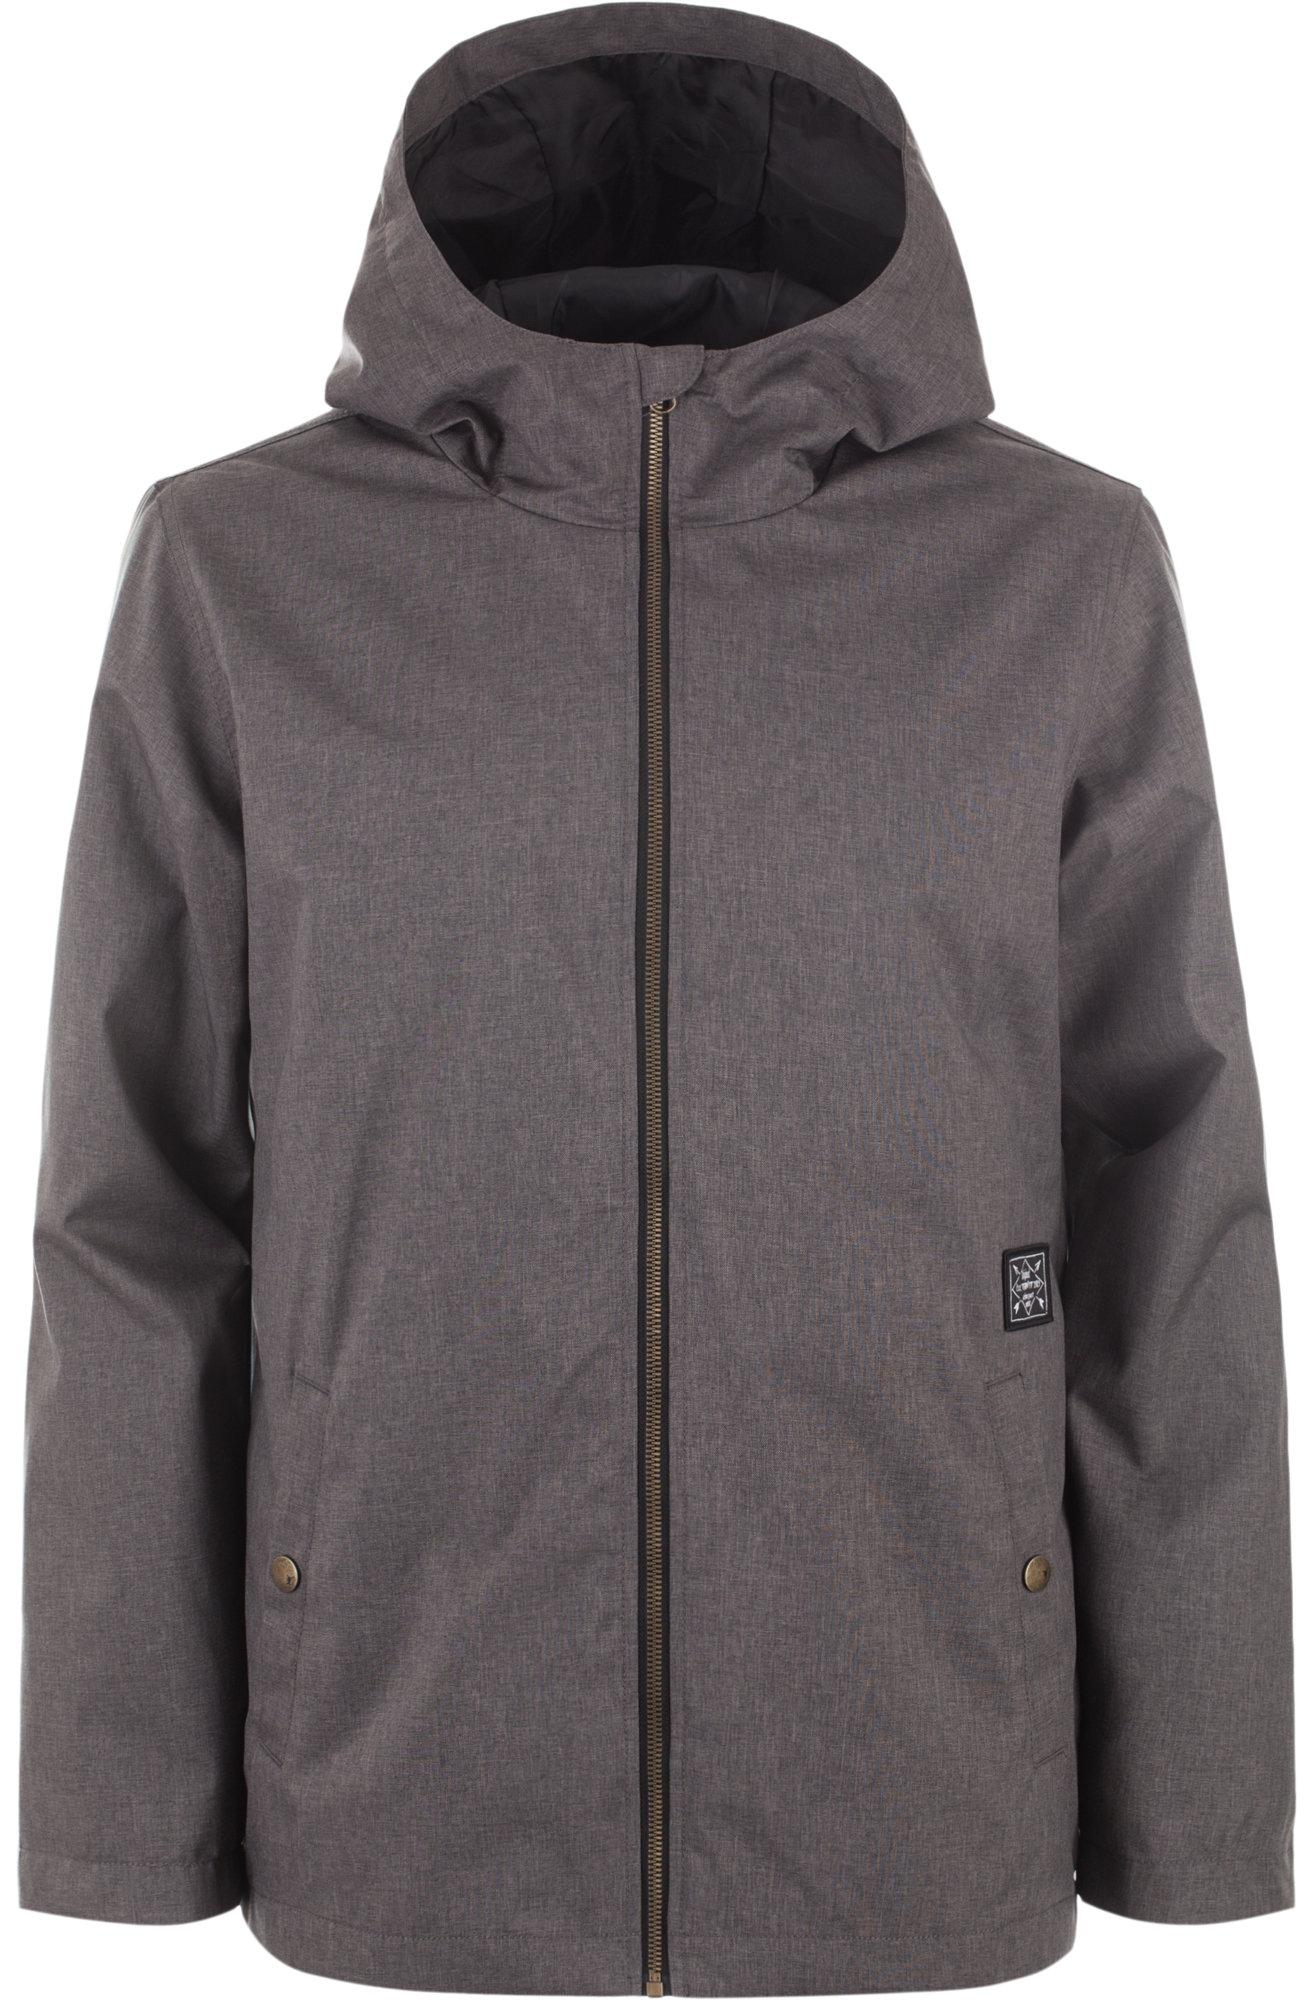 Куртка мужская утепленная Termit